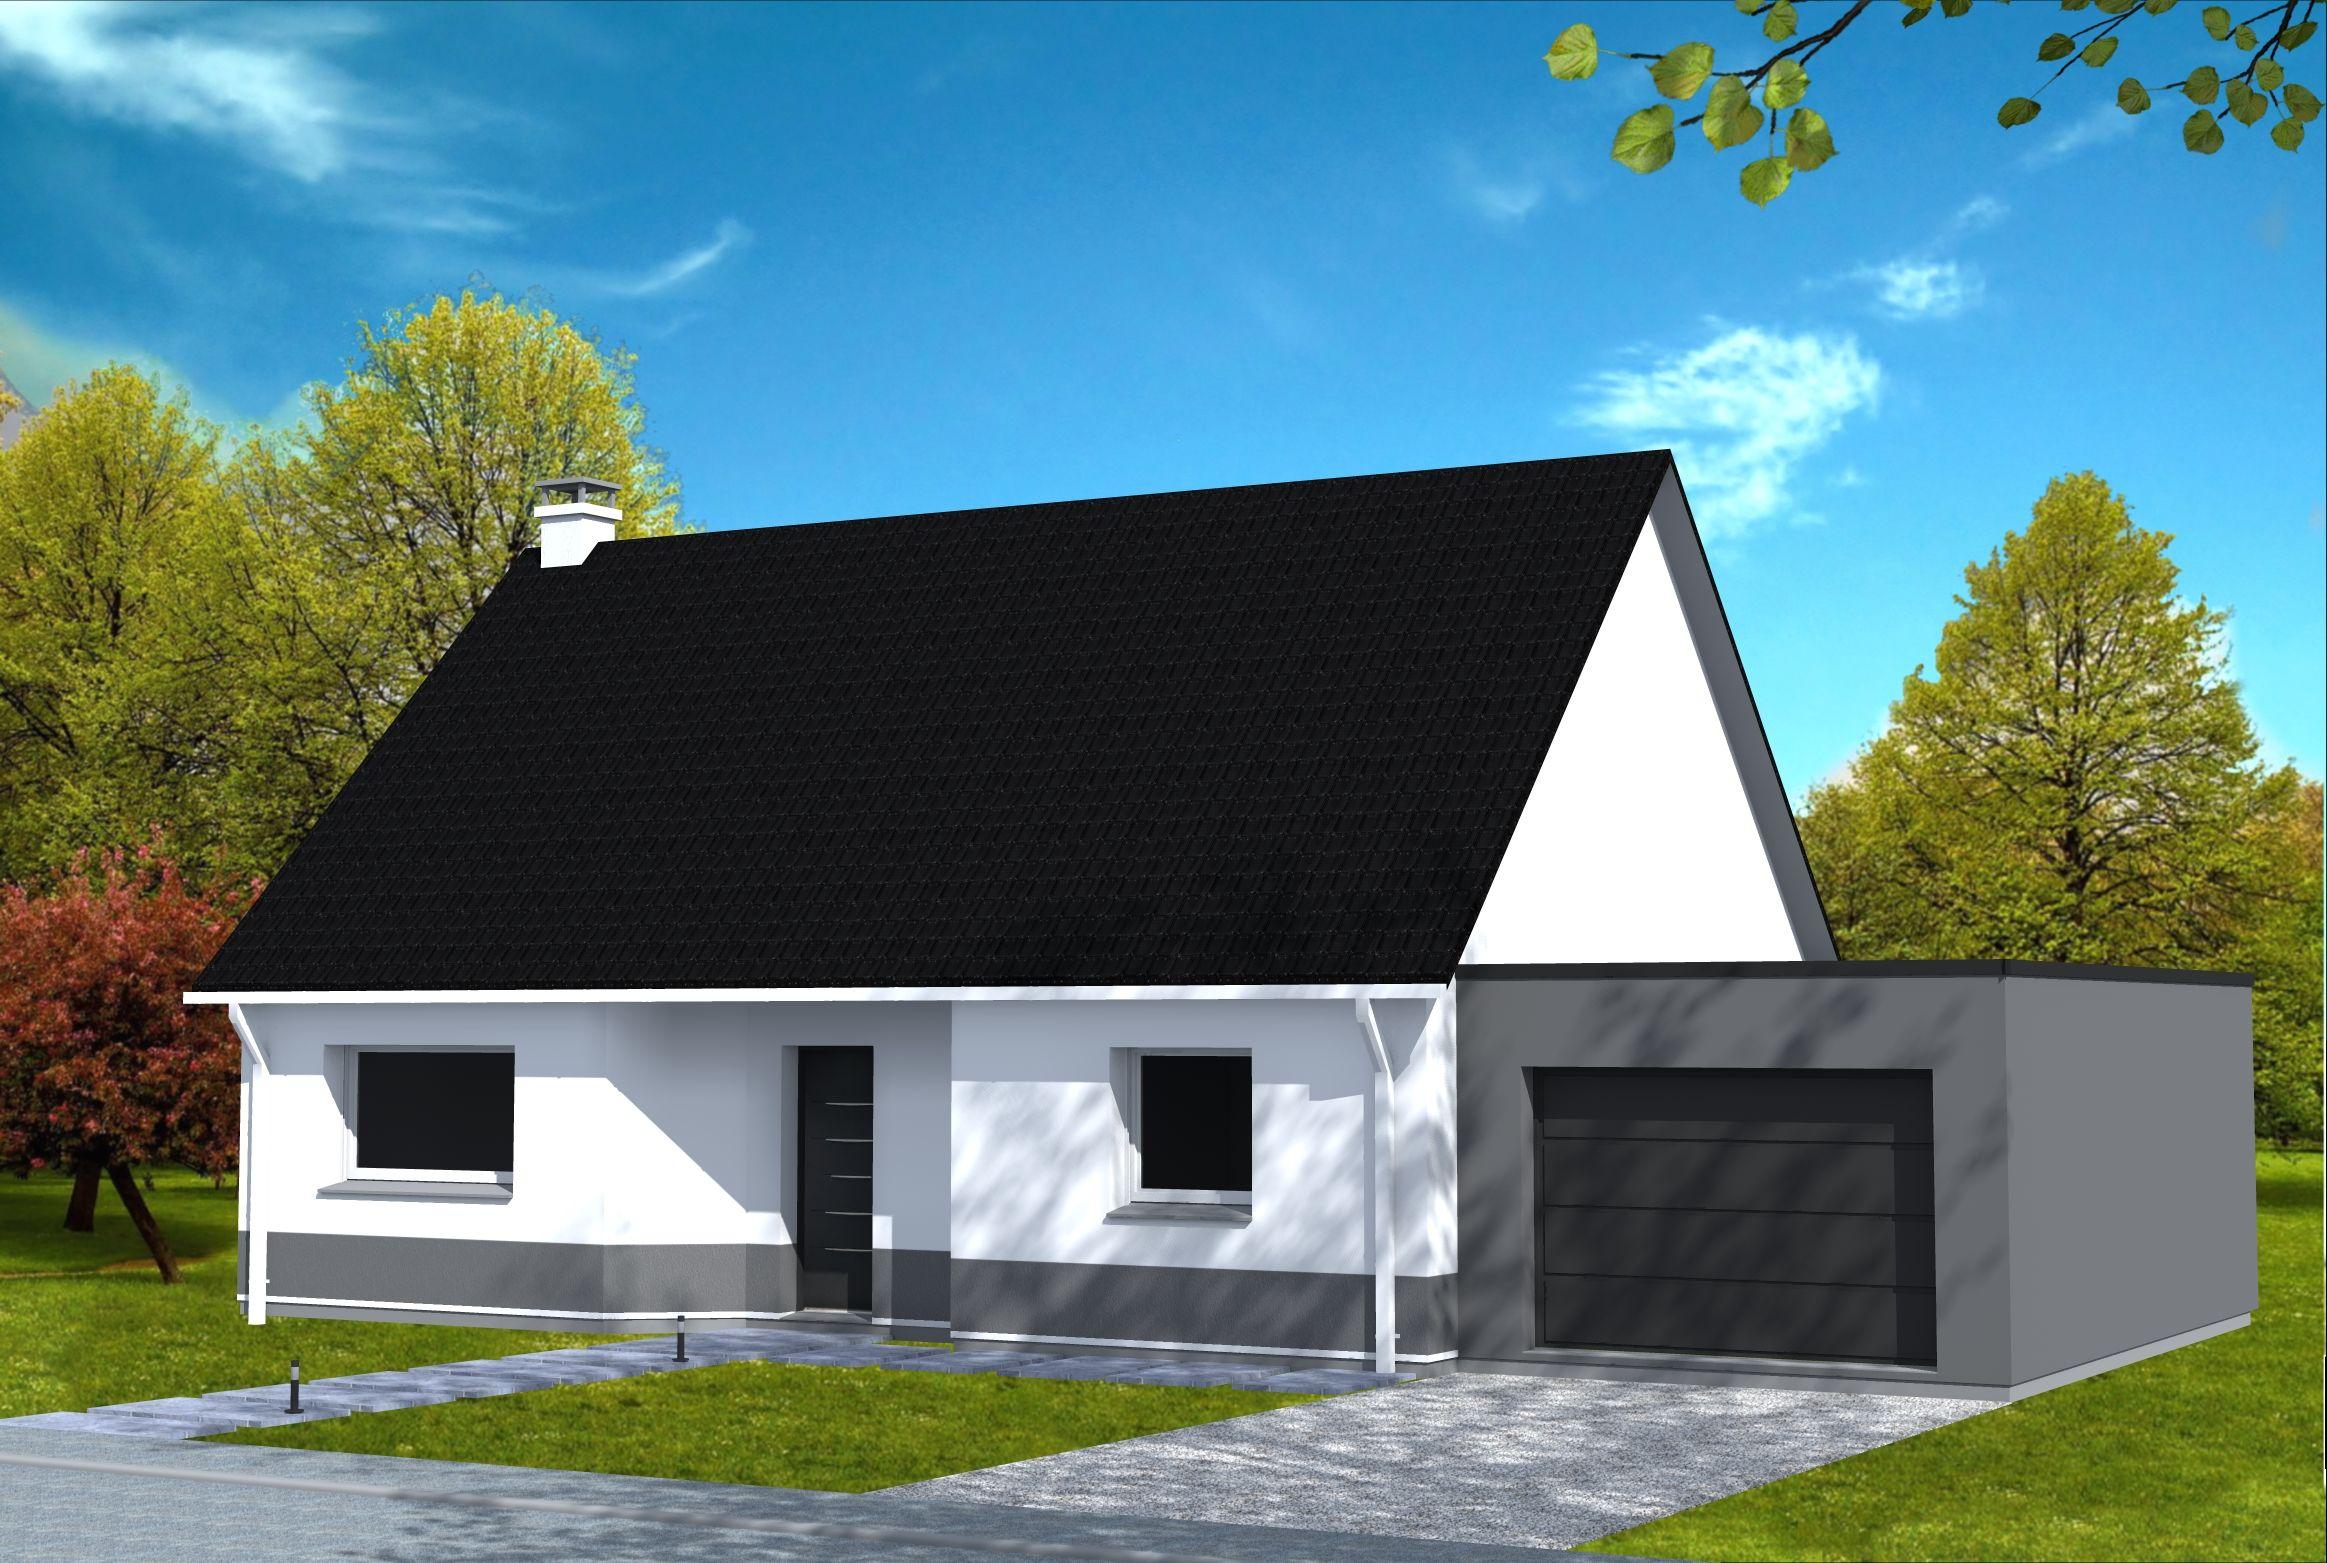 Maison cubique maison moderne cubique avec toiture 4 pans, en ...